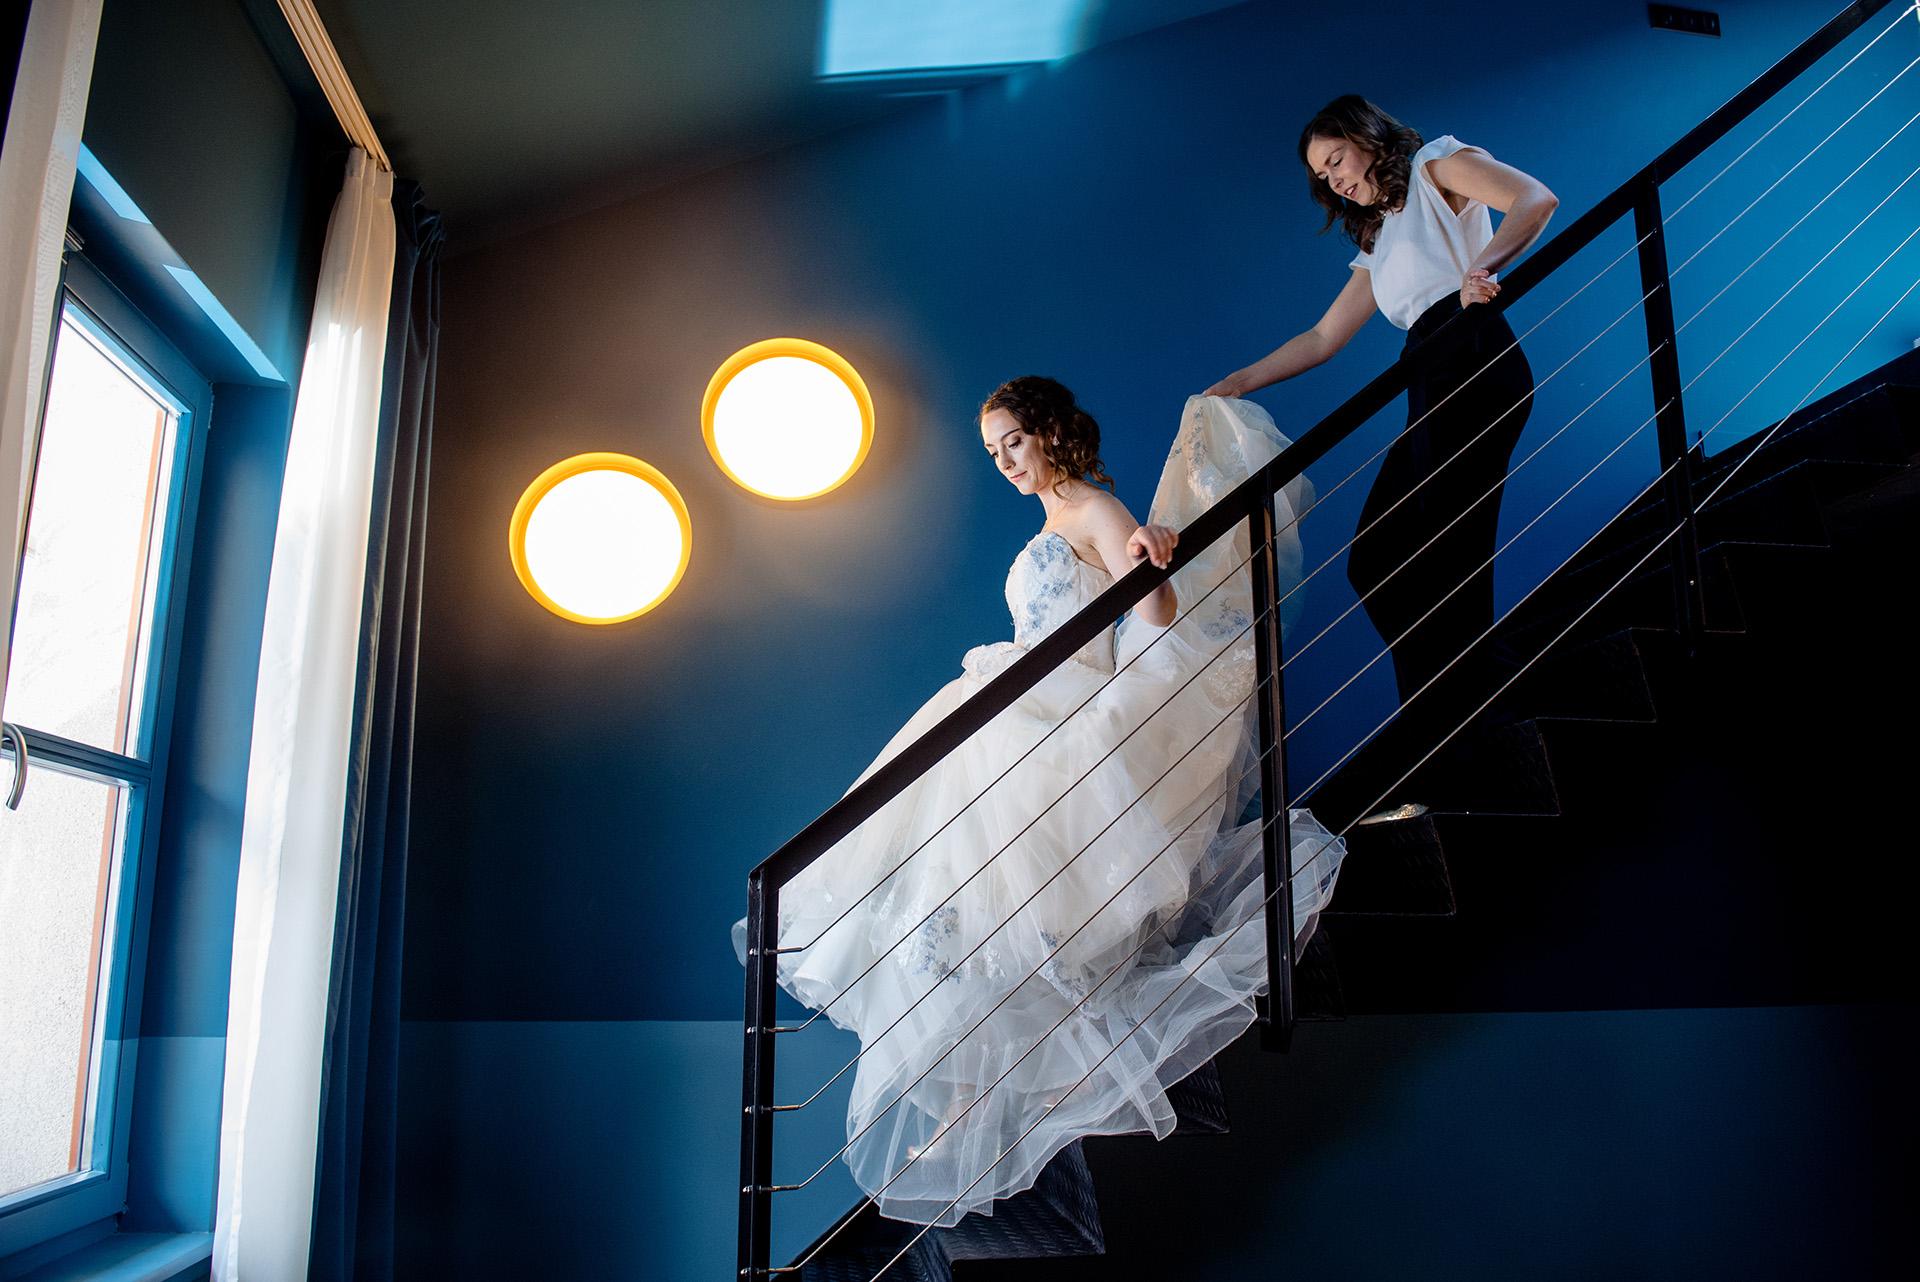 布達佩斯的Melinda Guerini Temesi是布達佩斯的婚禮攝影師